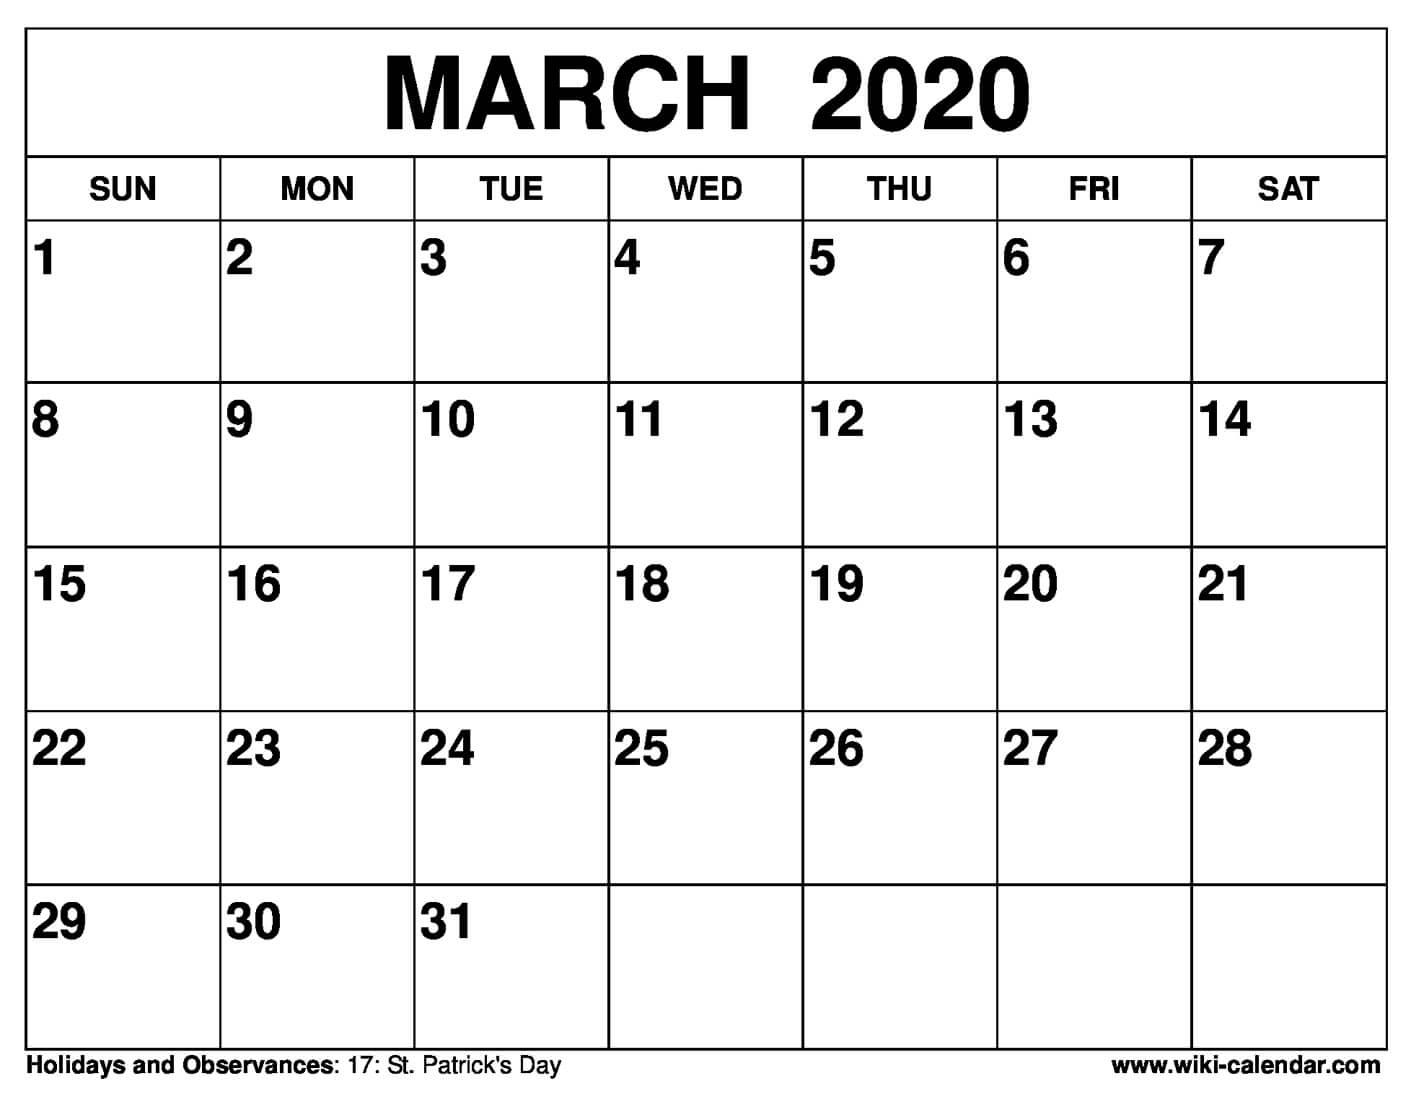 Calendars Michel Zbinden 2020 | Calendar For Planning within Calendars Michel Zbinden